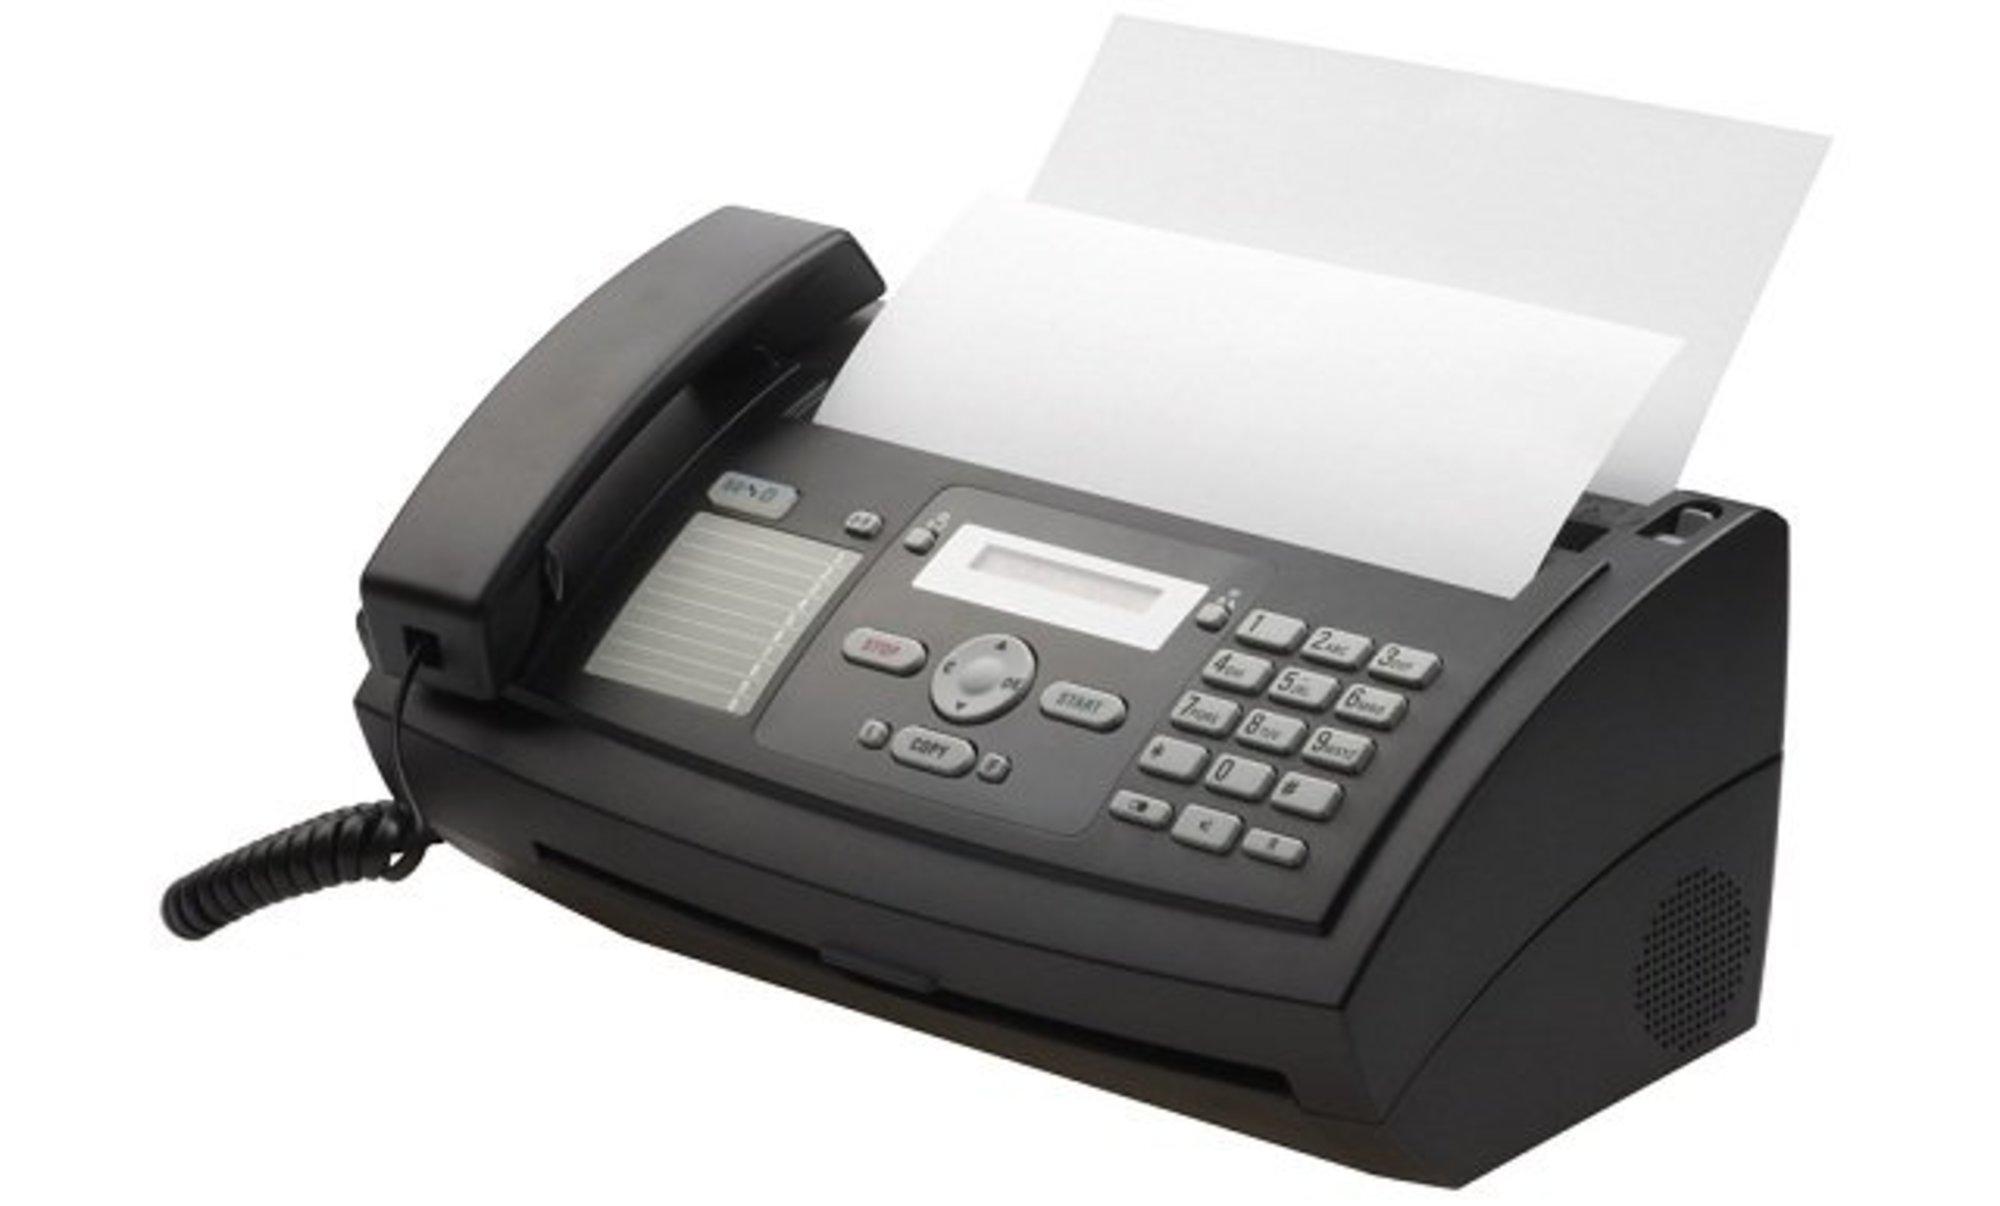 fax filing attempt can interrupt prescription